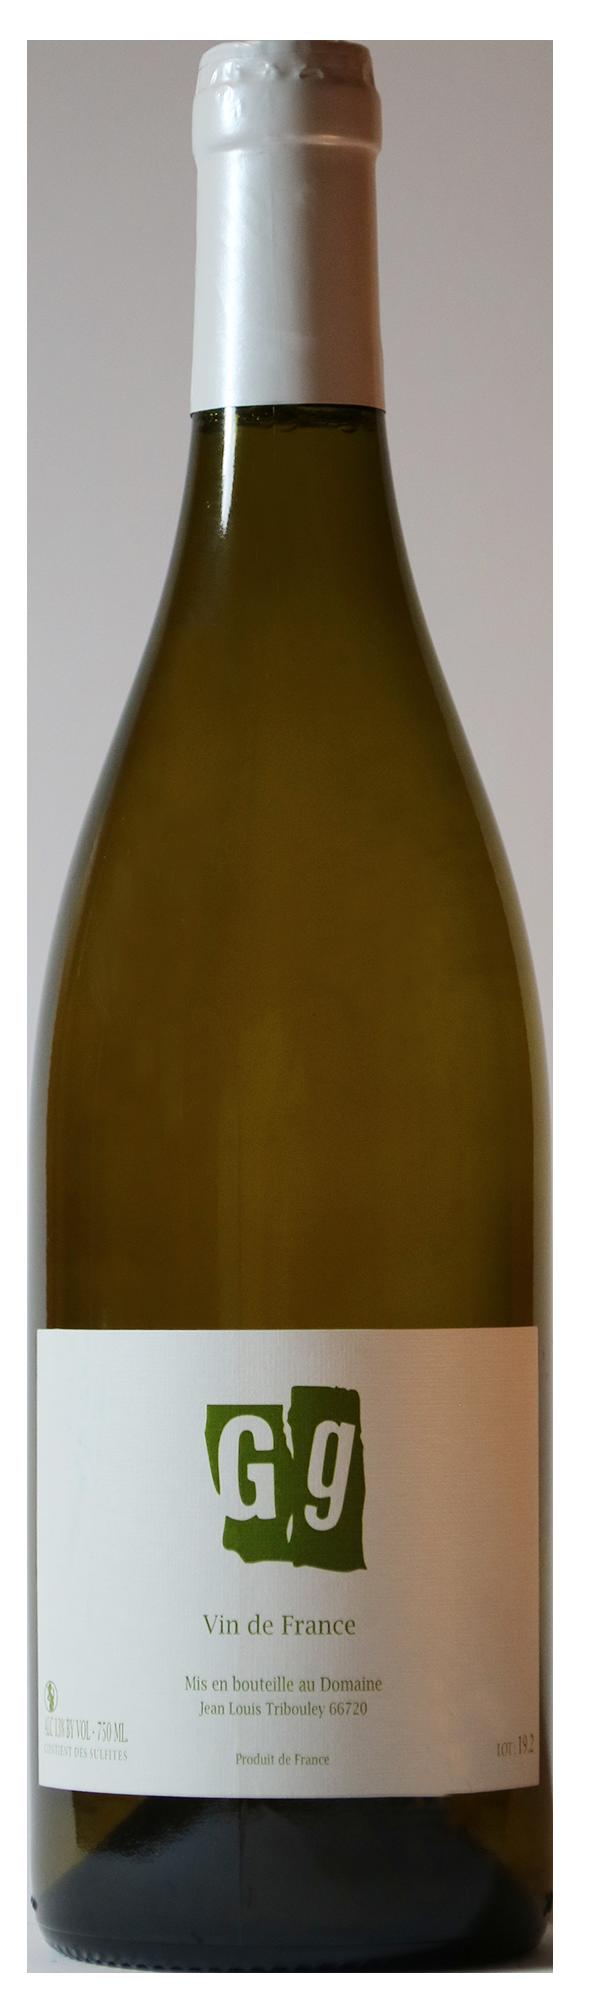 Bouteille de vin blanc naturel, cuvée G.G. , Domaine Jean Louis Tribouley